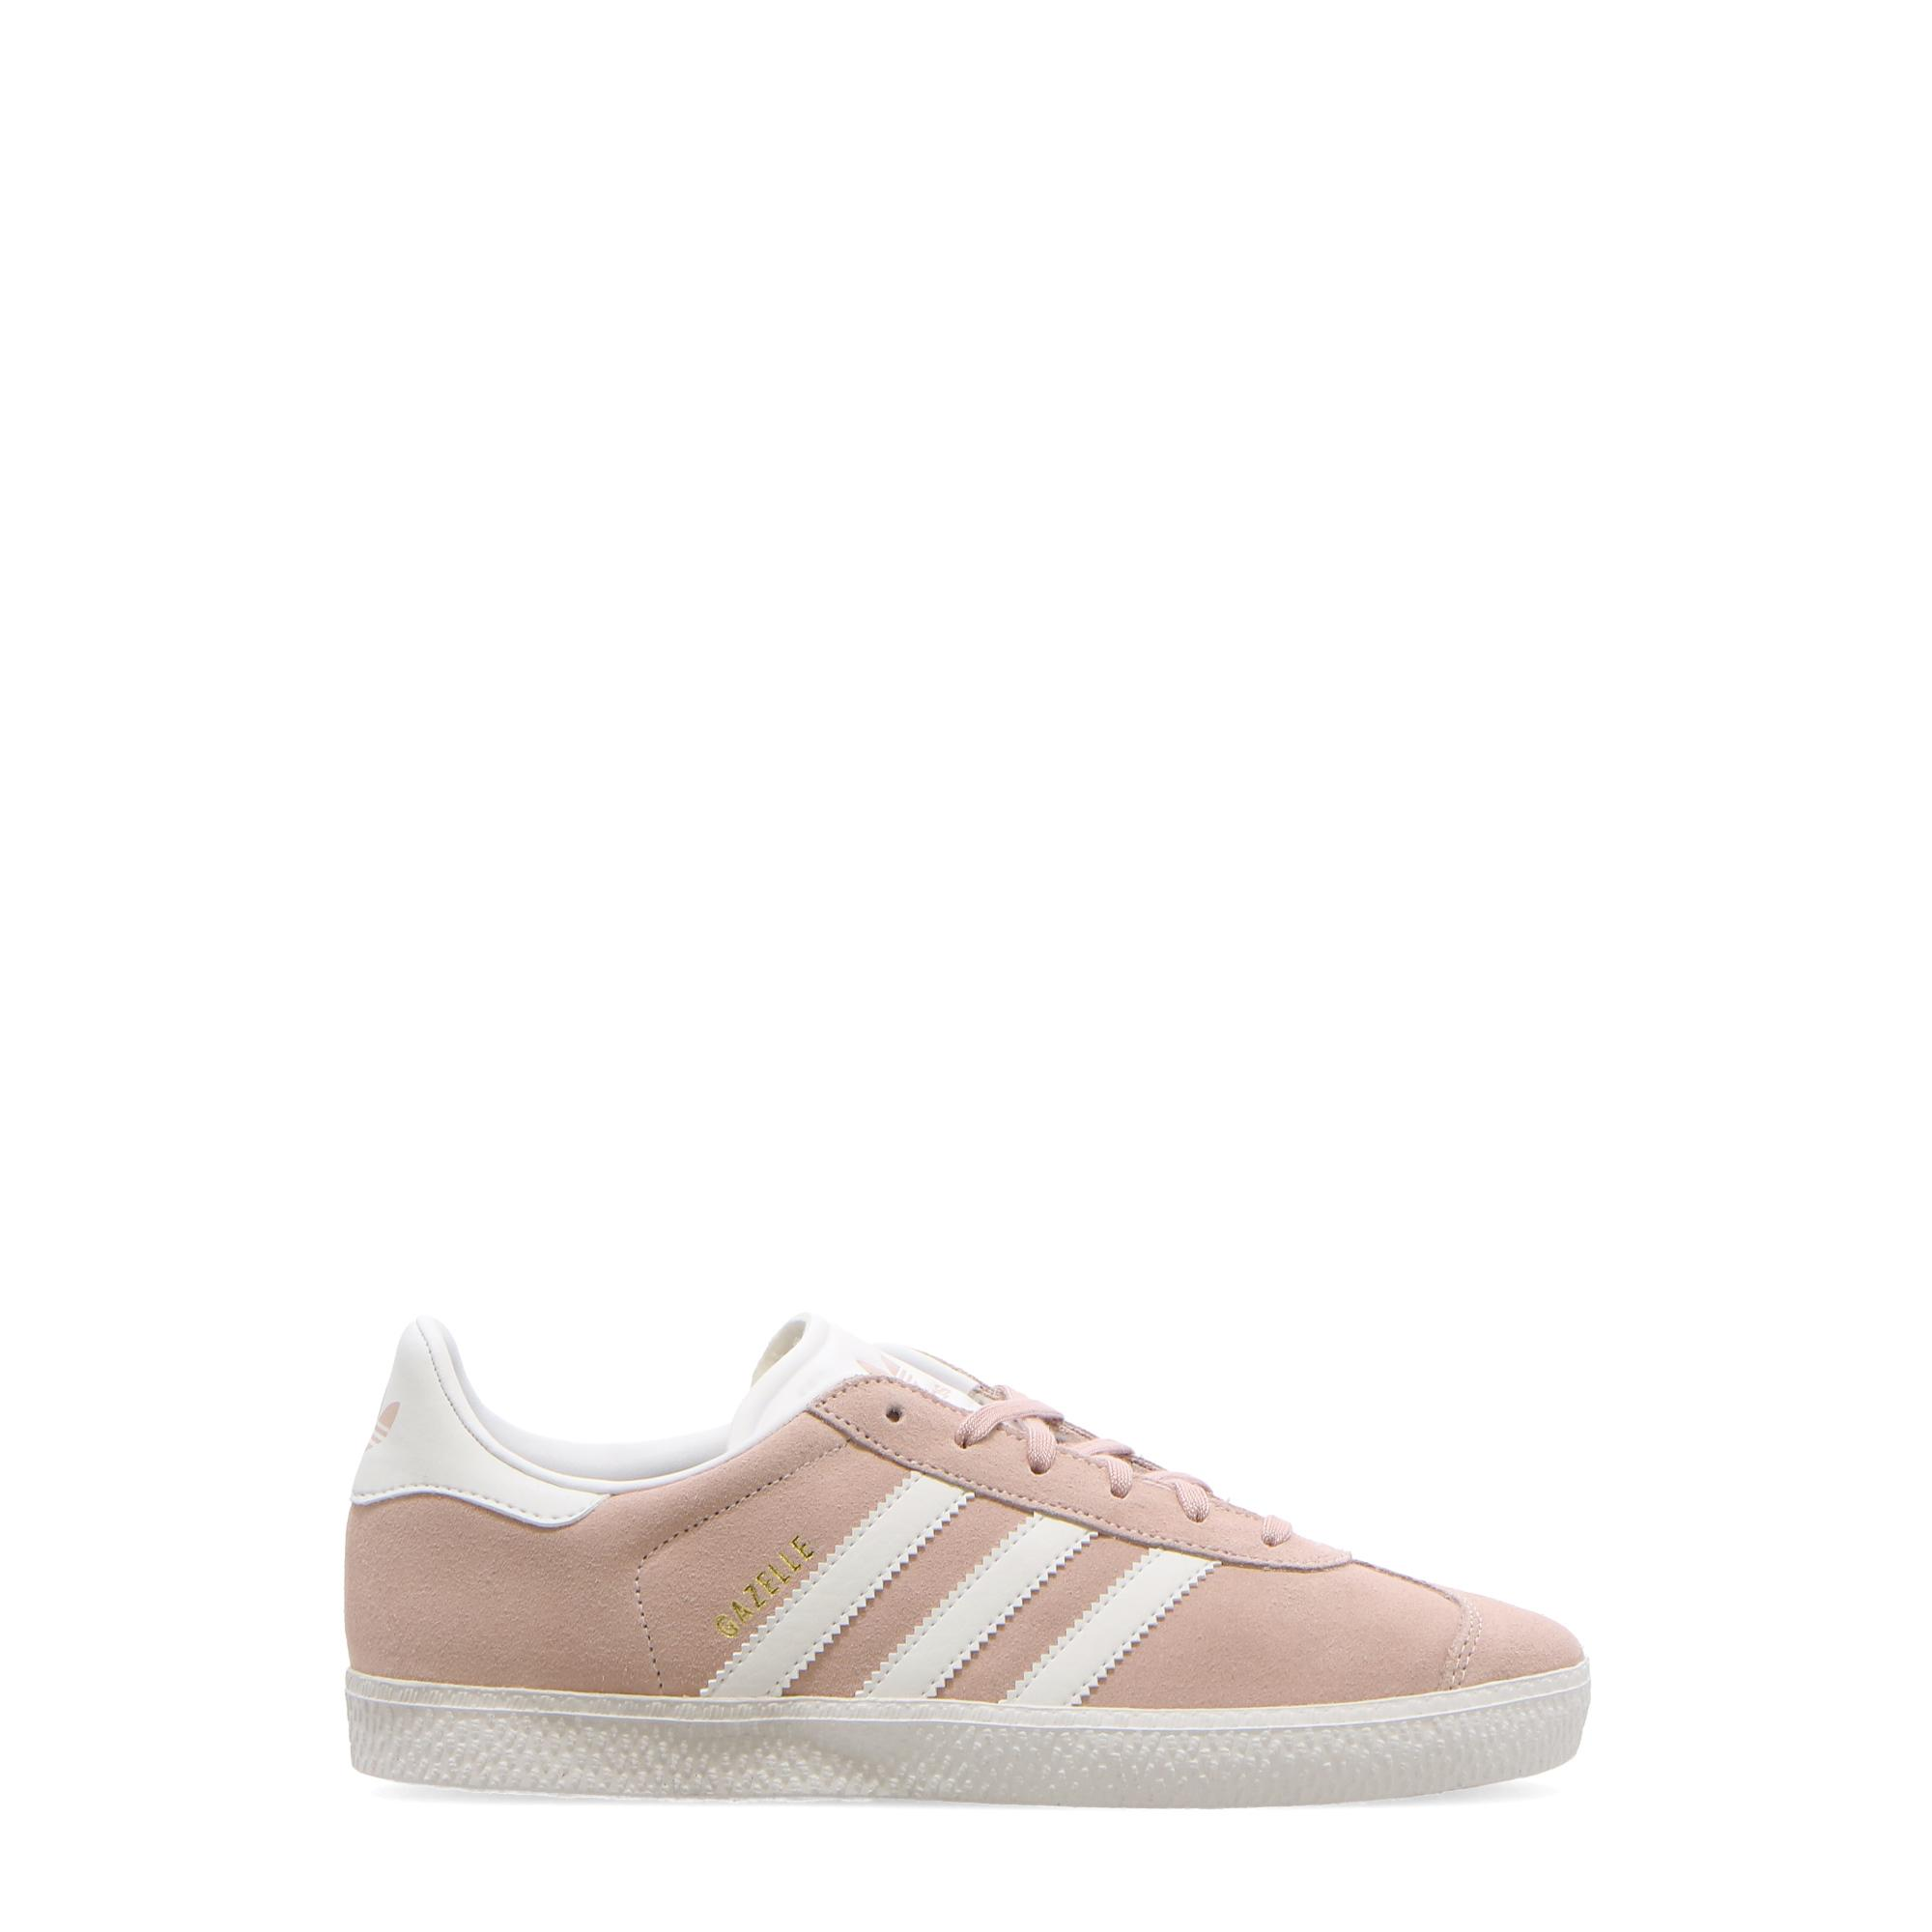 Adidas Gazelle J Ice pink f17 white gold met